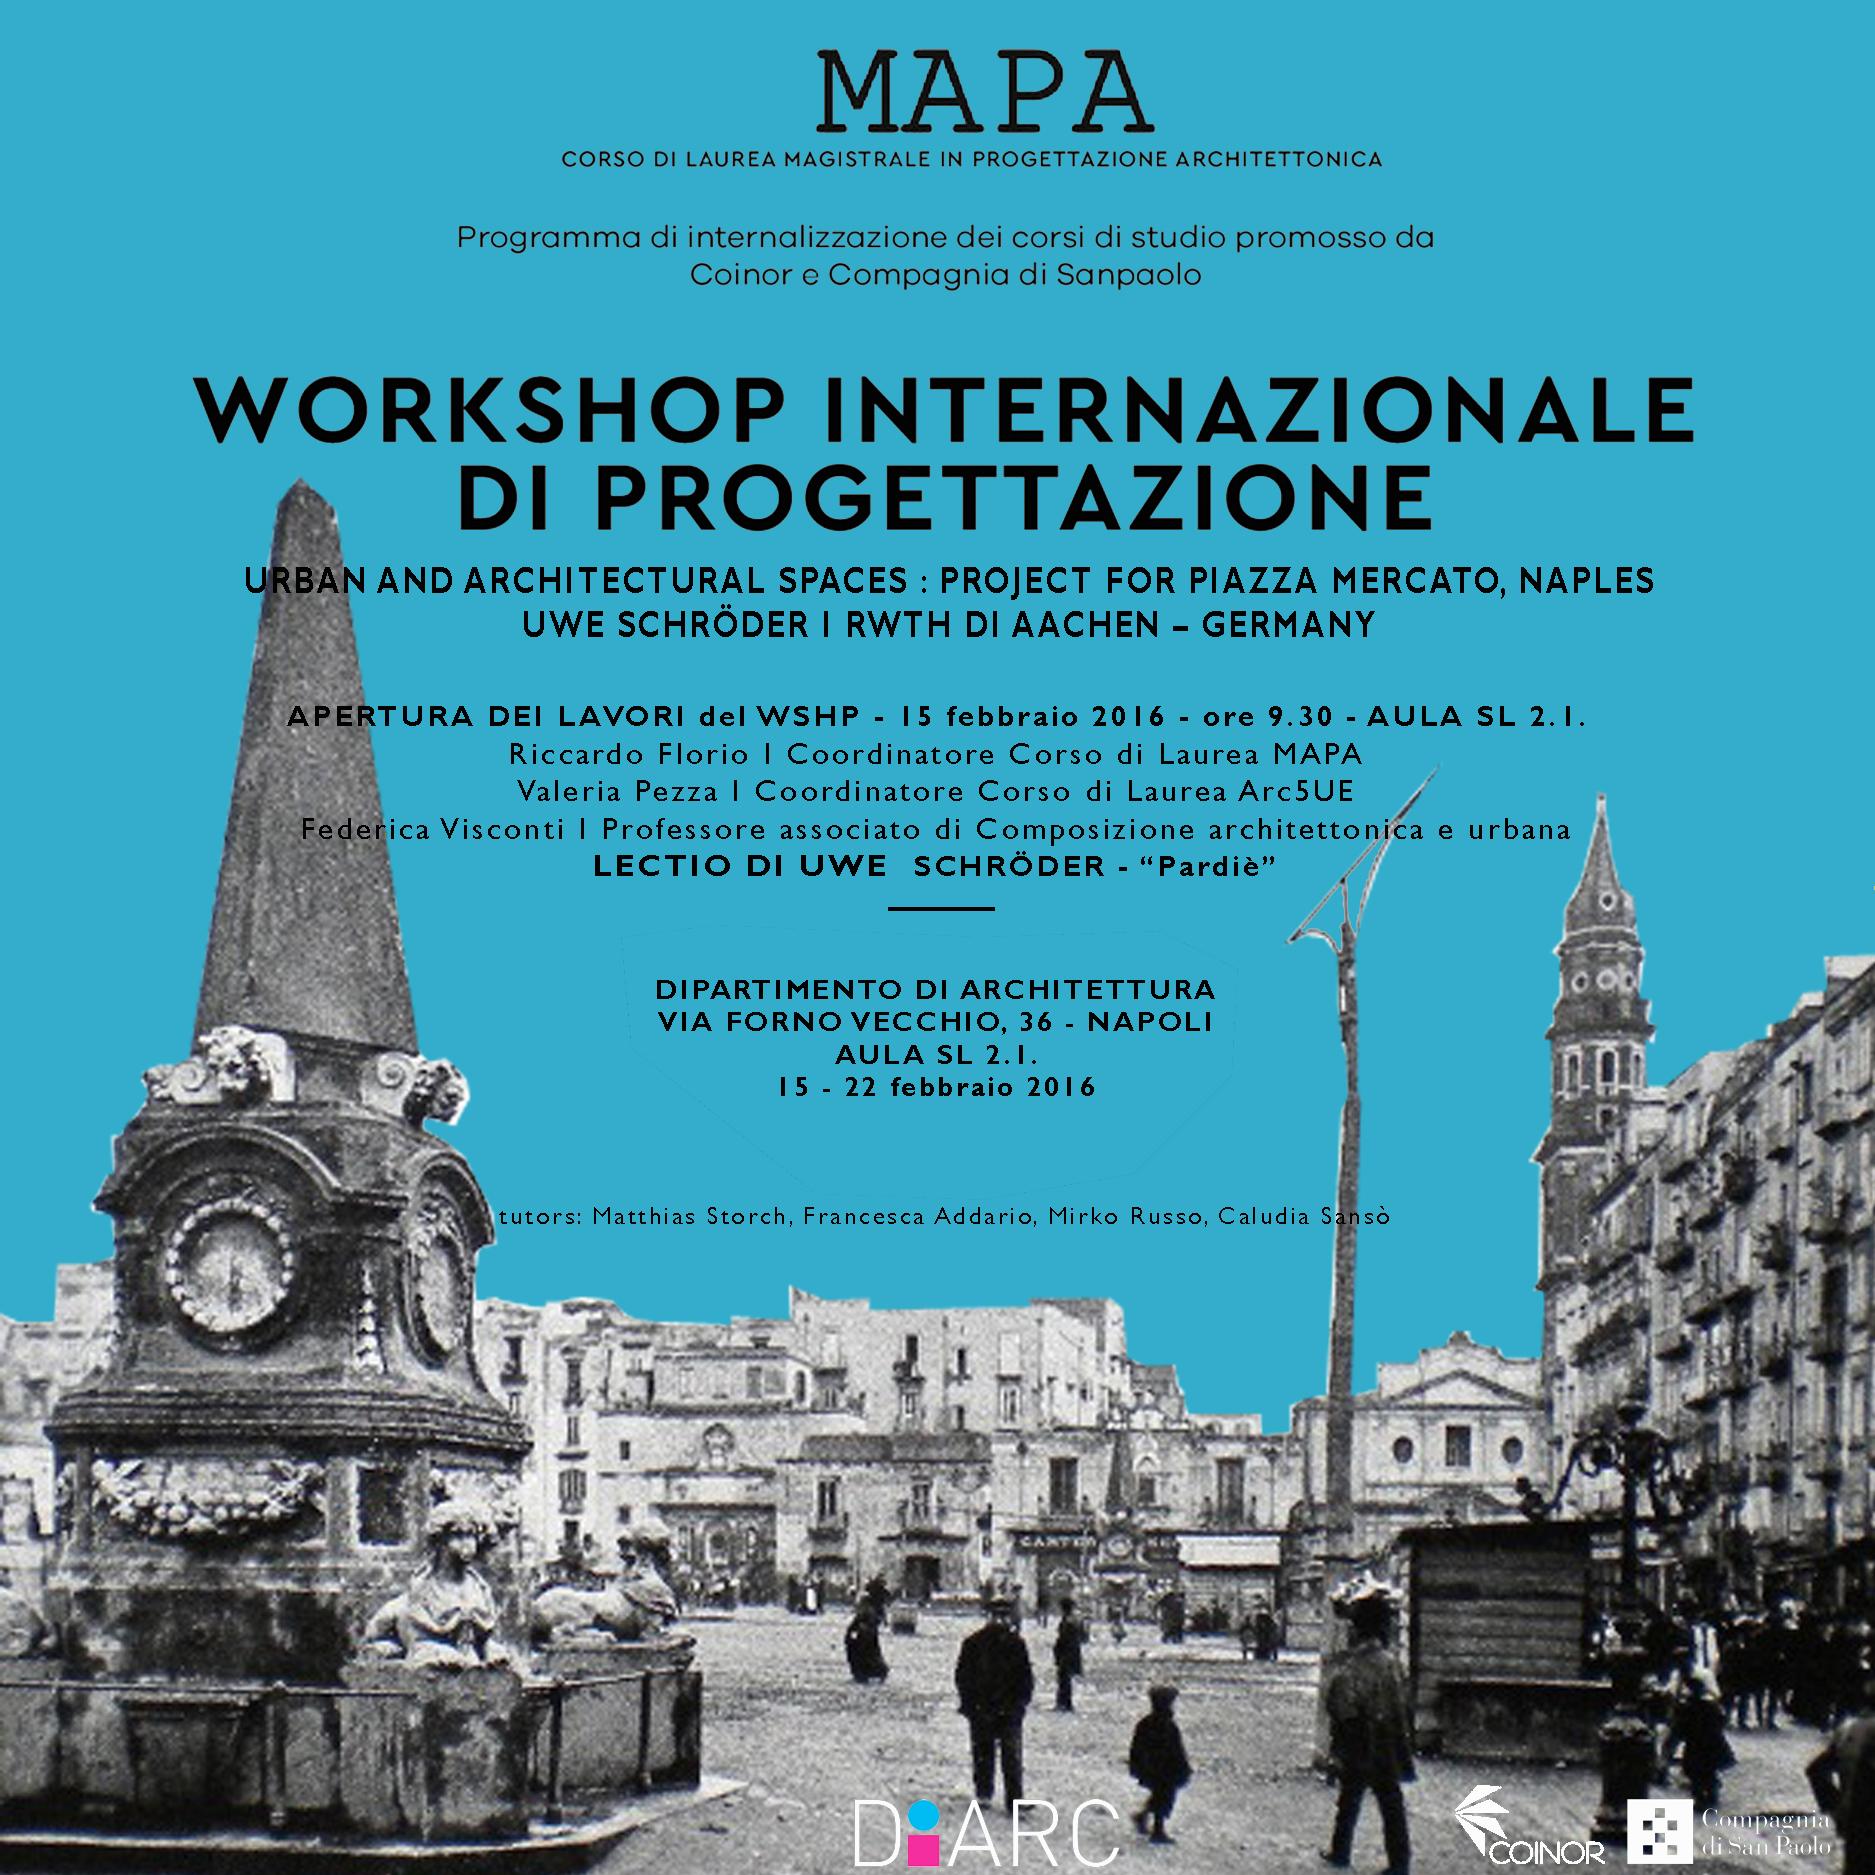 Usarch workshop vortr ge und kolloquien von mit usarch for Studi di architettura napoli